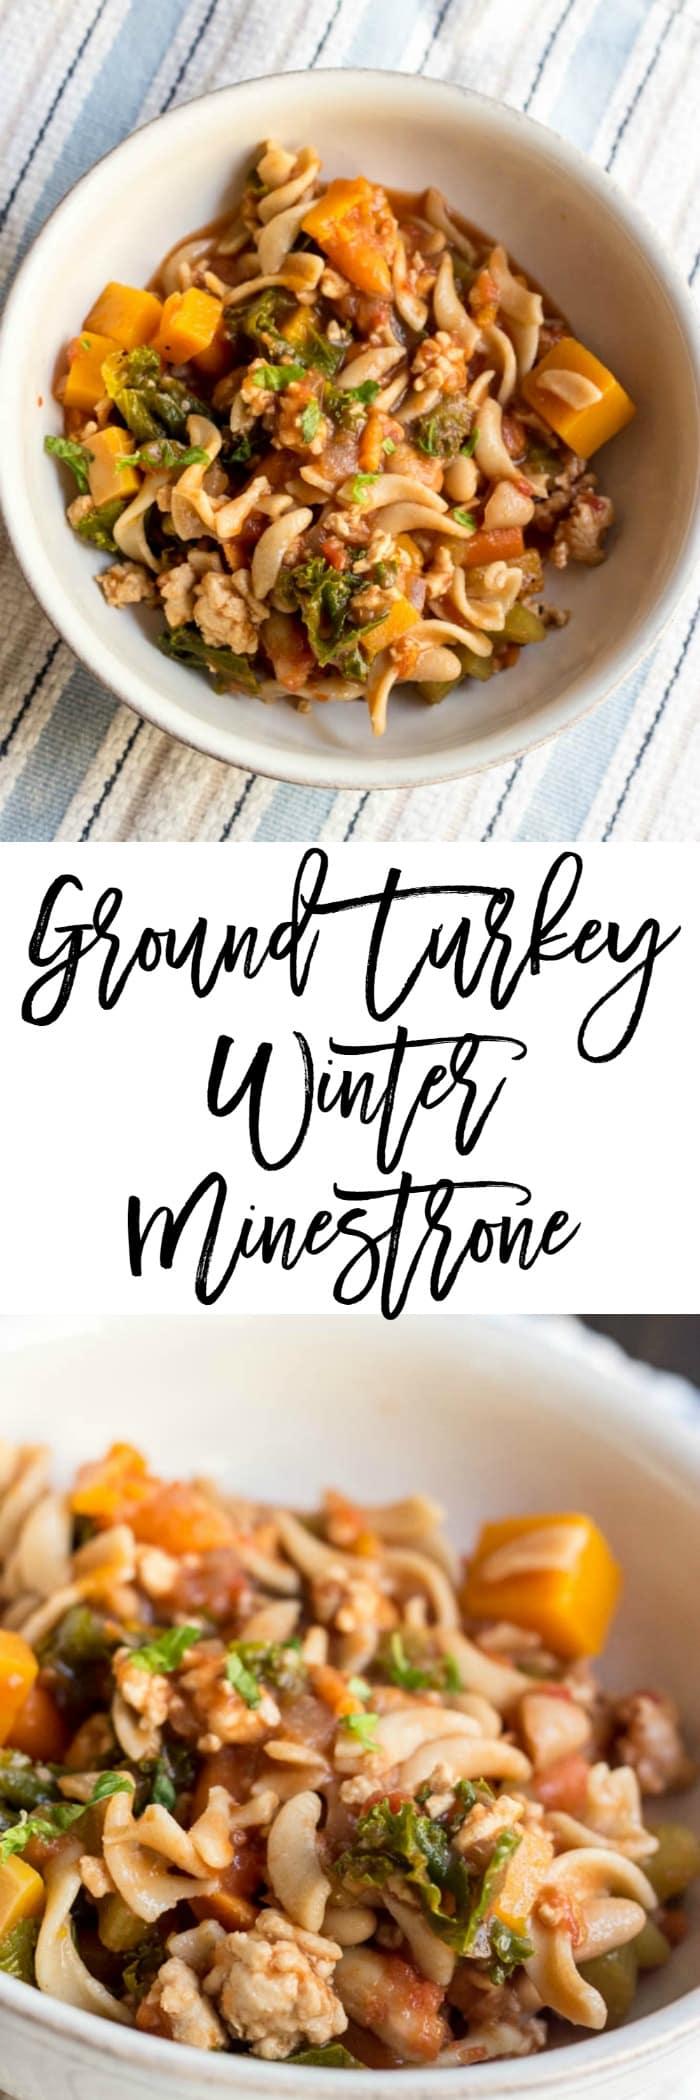 Ground Turkey Winter Minestrone